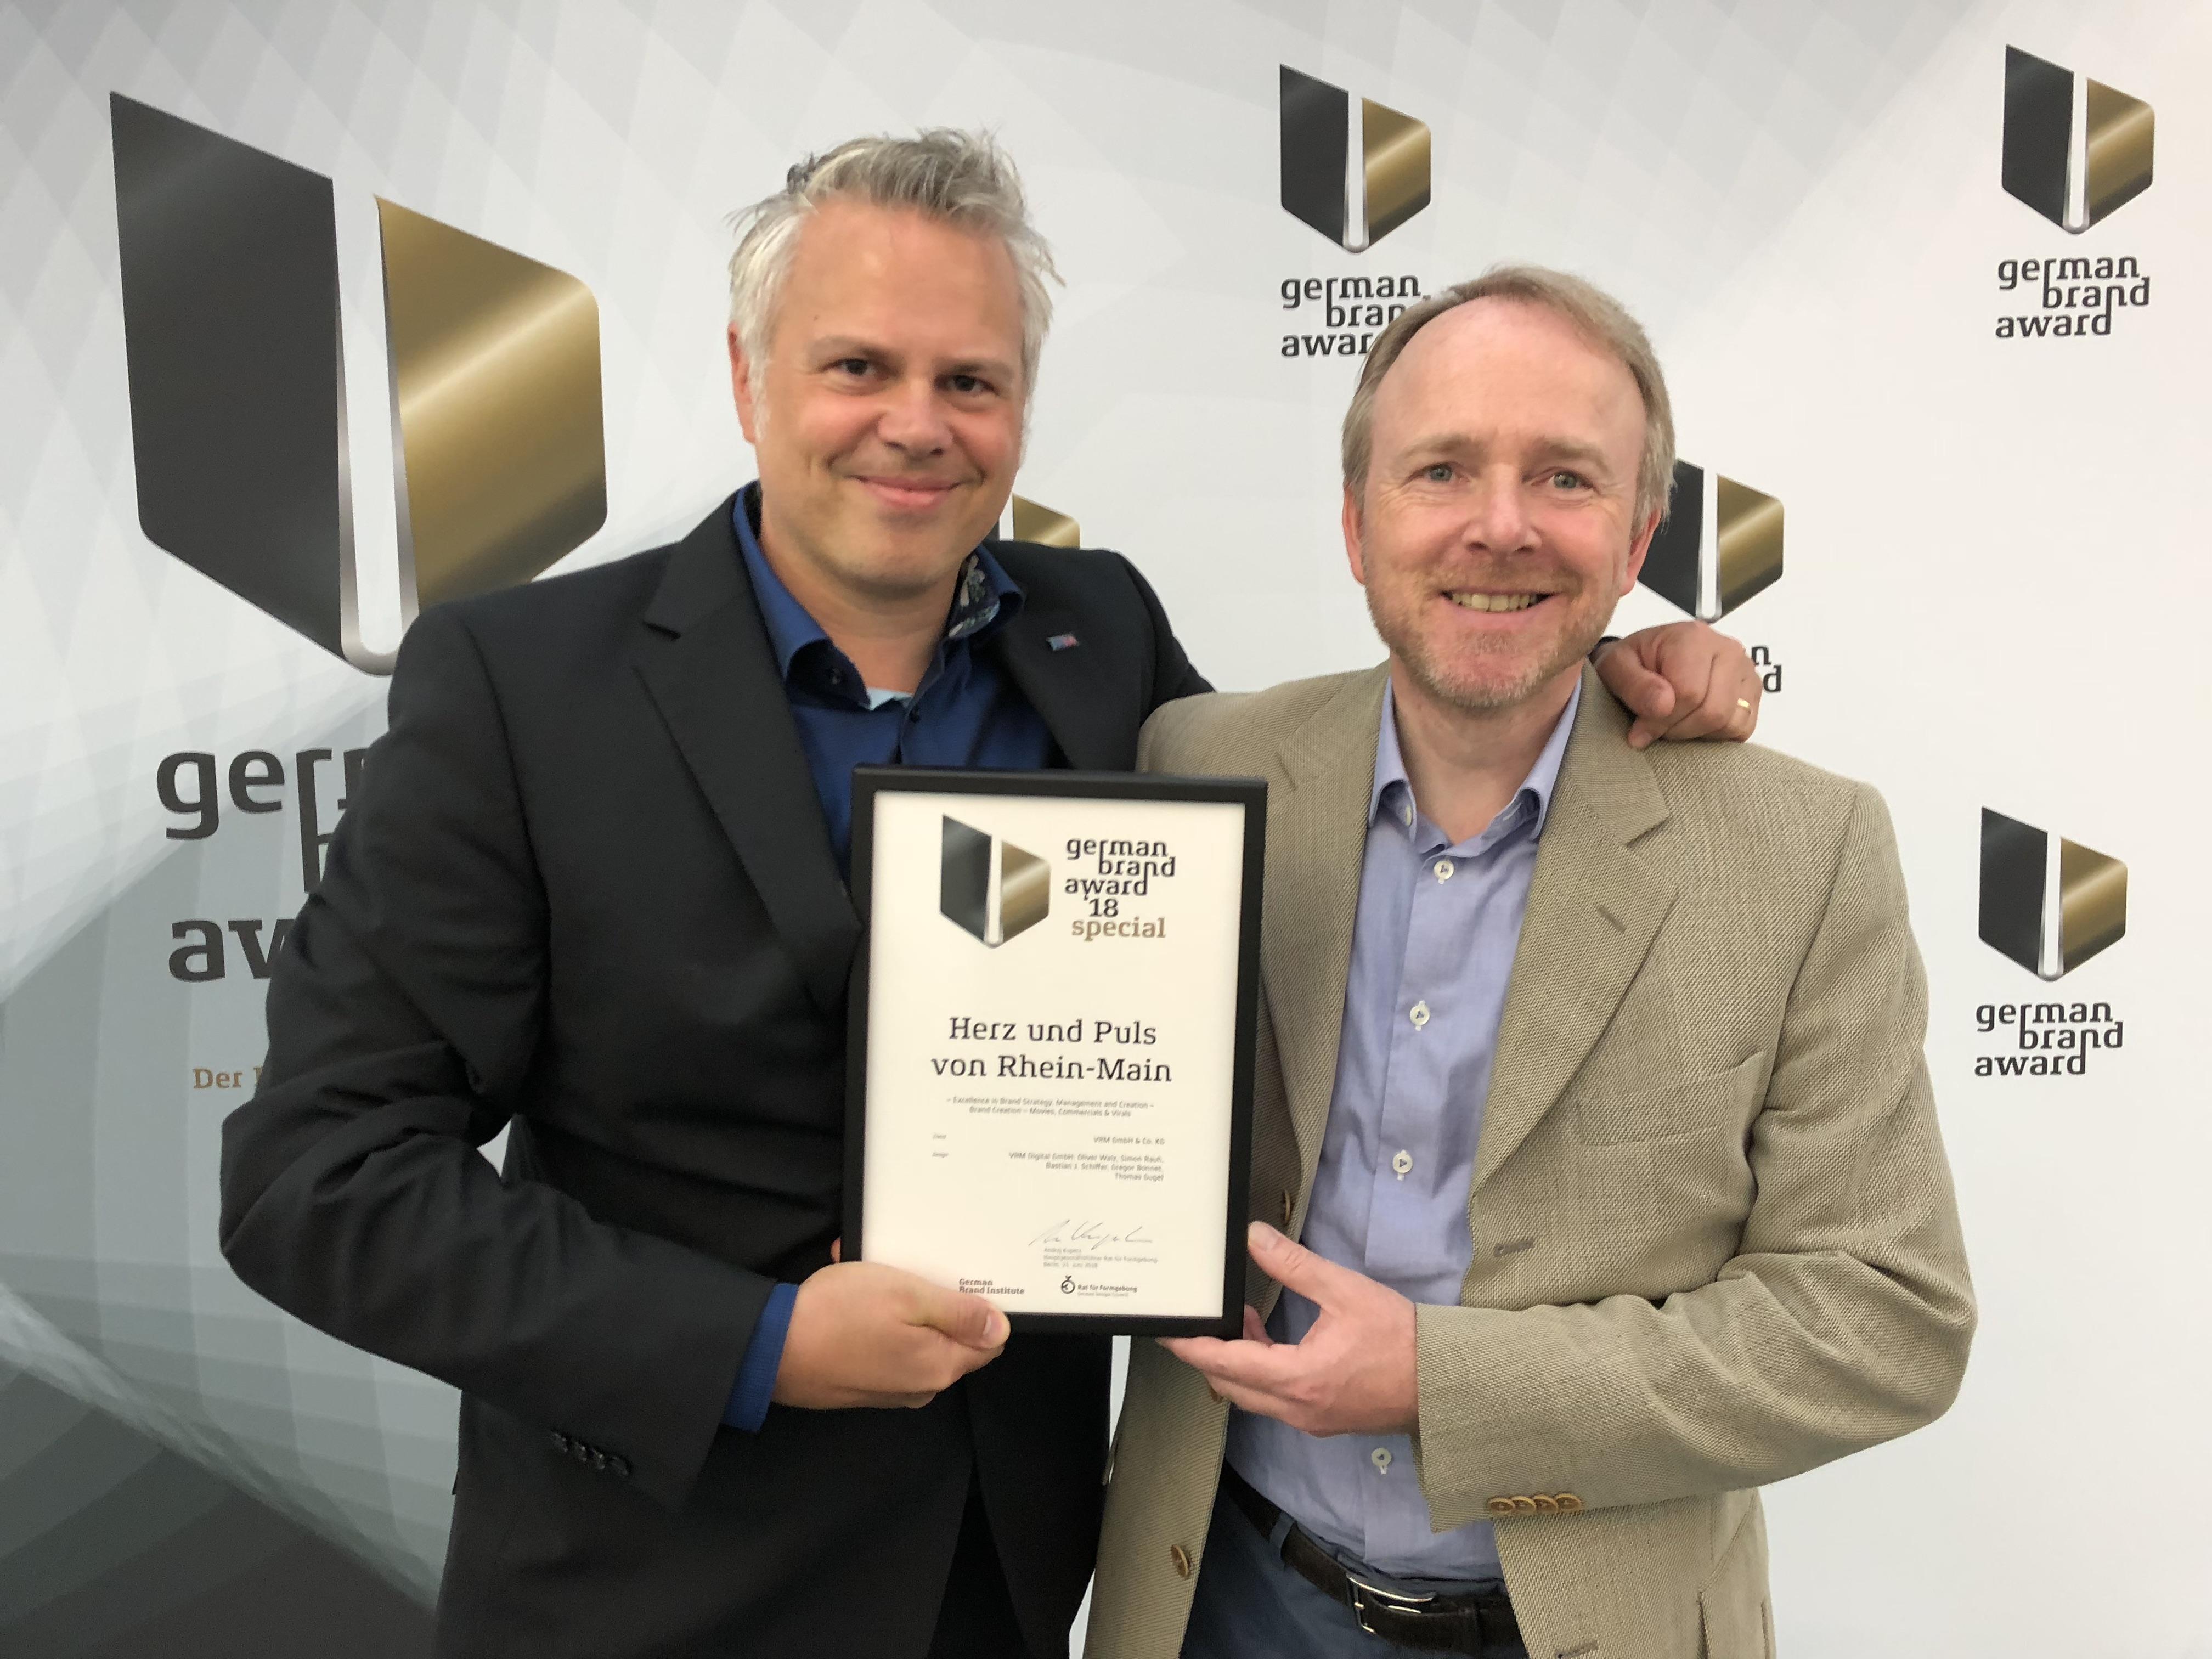 Erfolgreiches Team: Creatives Director Simon Rauh und Marketingleitung Michael Manns (v.l.) freuen sich über die Auszeichnung.